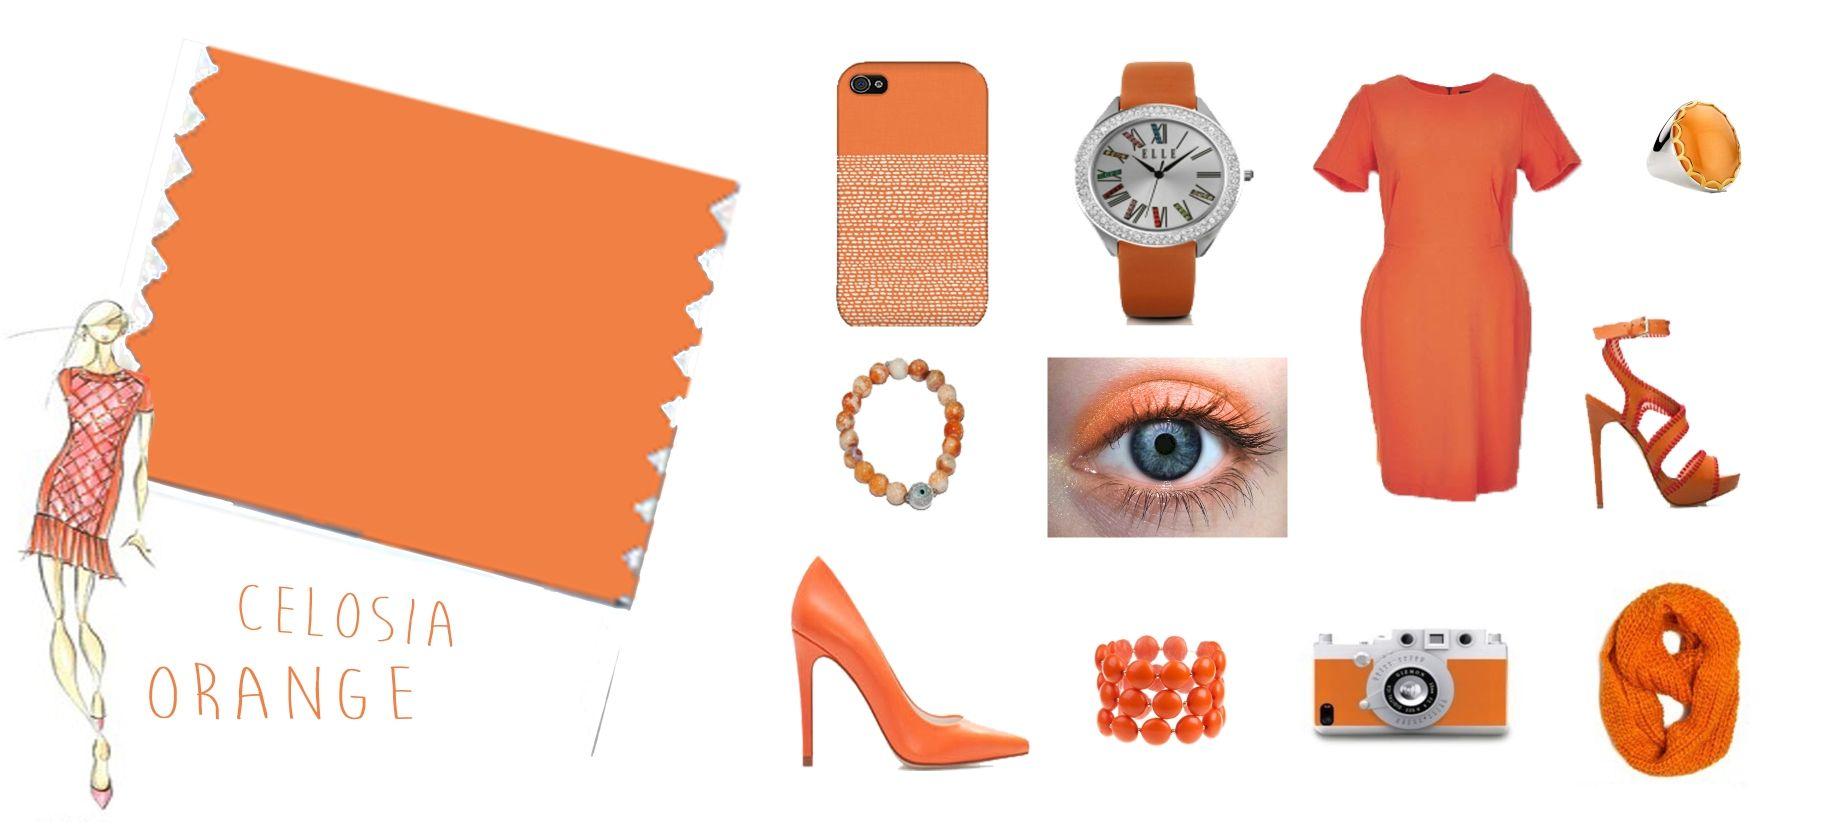 Celosia Orange - Naranja optimista, color de moda 2014. Color que despierta energia necesaria para el dia a dia, nos hara sentirnos seguros de nosotros mismos con actividad desbordante y emisor de buenas energias. Recomendable para llamar la atencion.